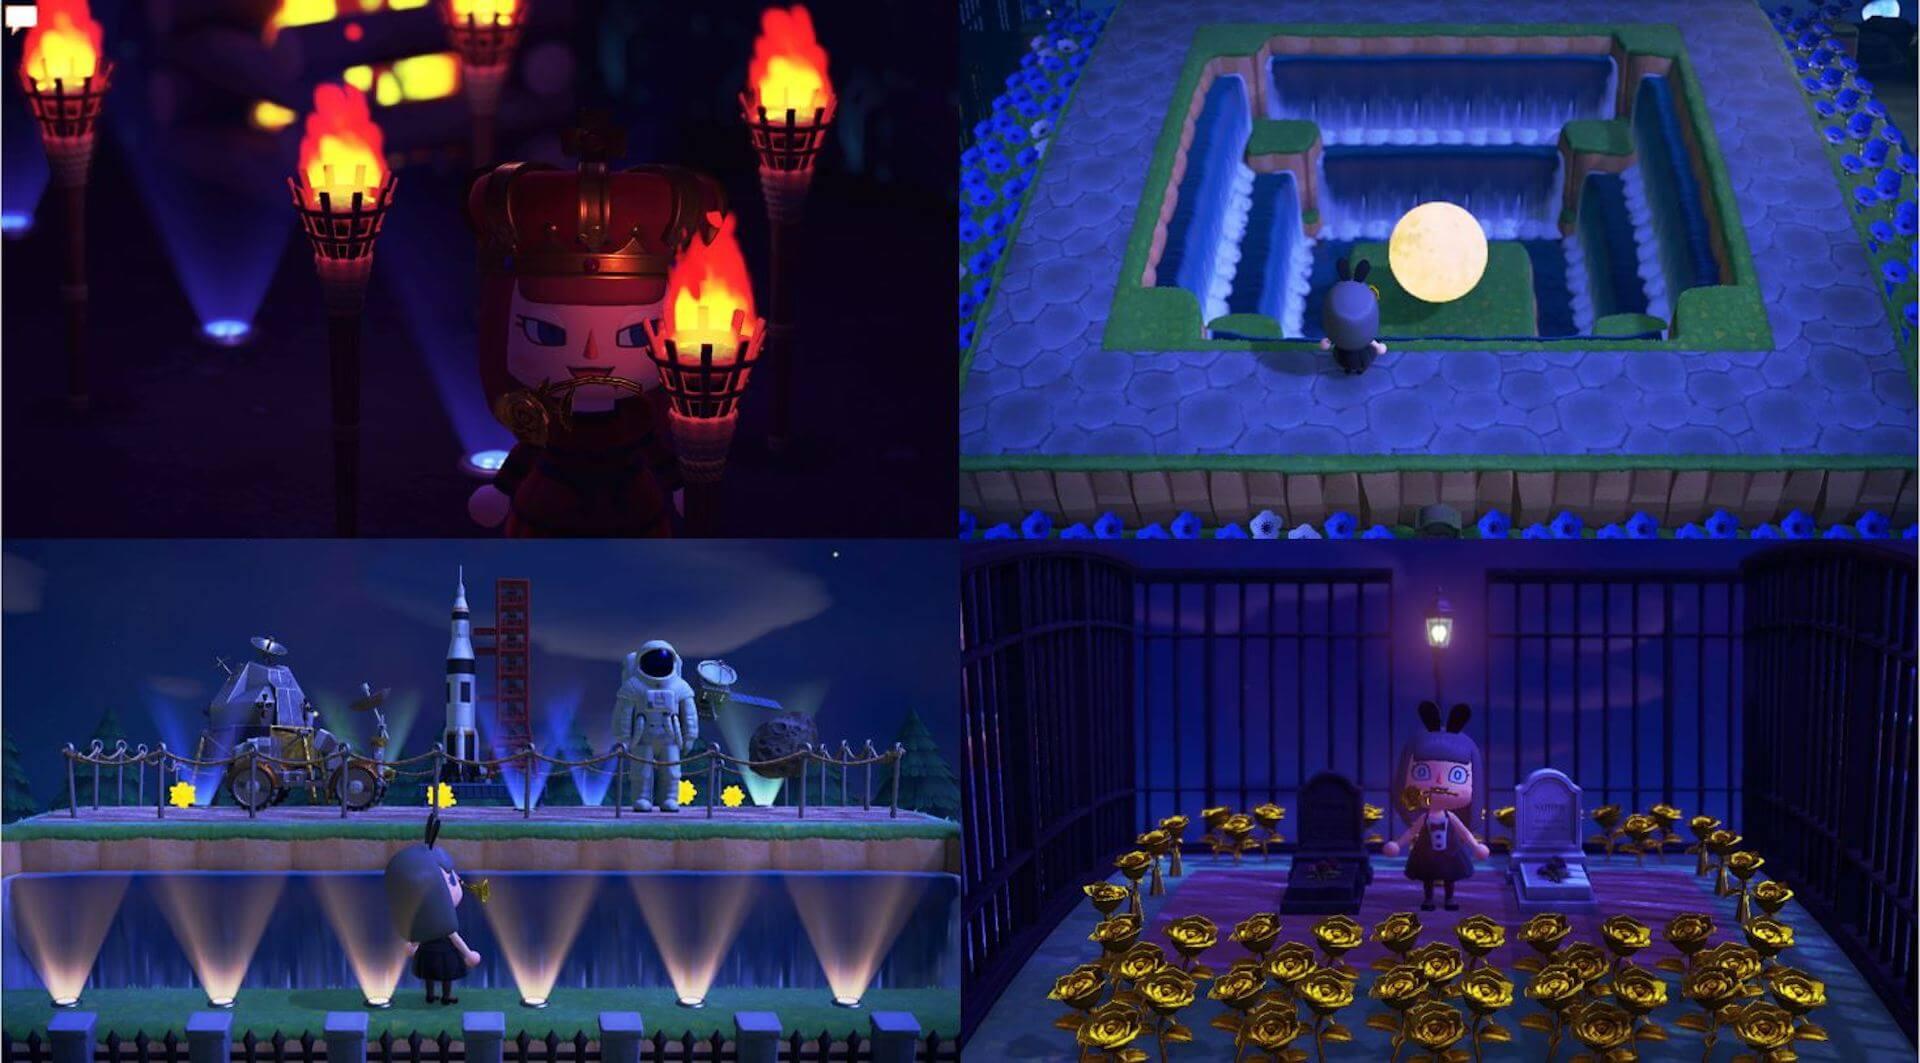 あつ森のユニーク島が勢ぞろい!GameWithによる『あつまれどうぶつの森』のStayHome企画のコンテスト入賞者が発表 tech200602_animalcrossing_7